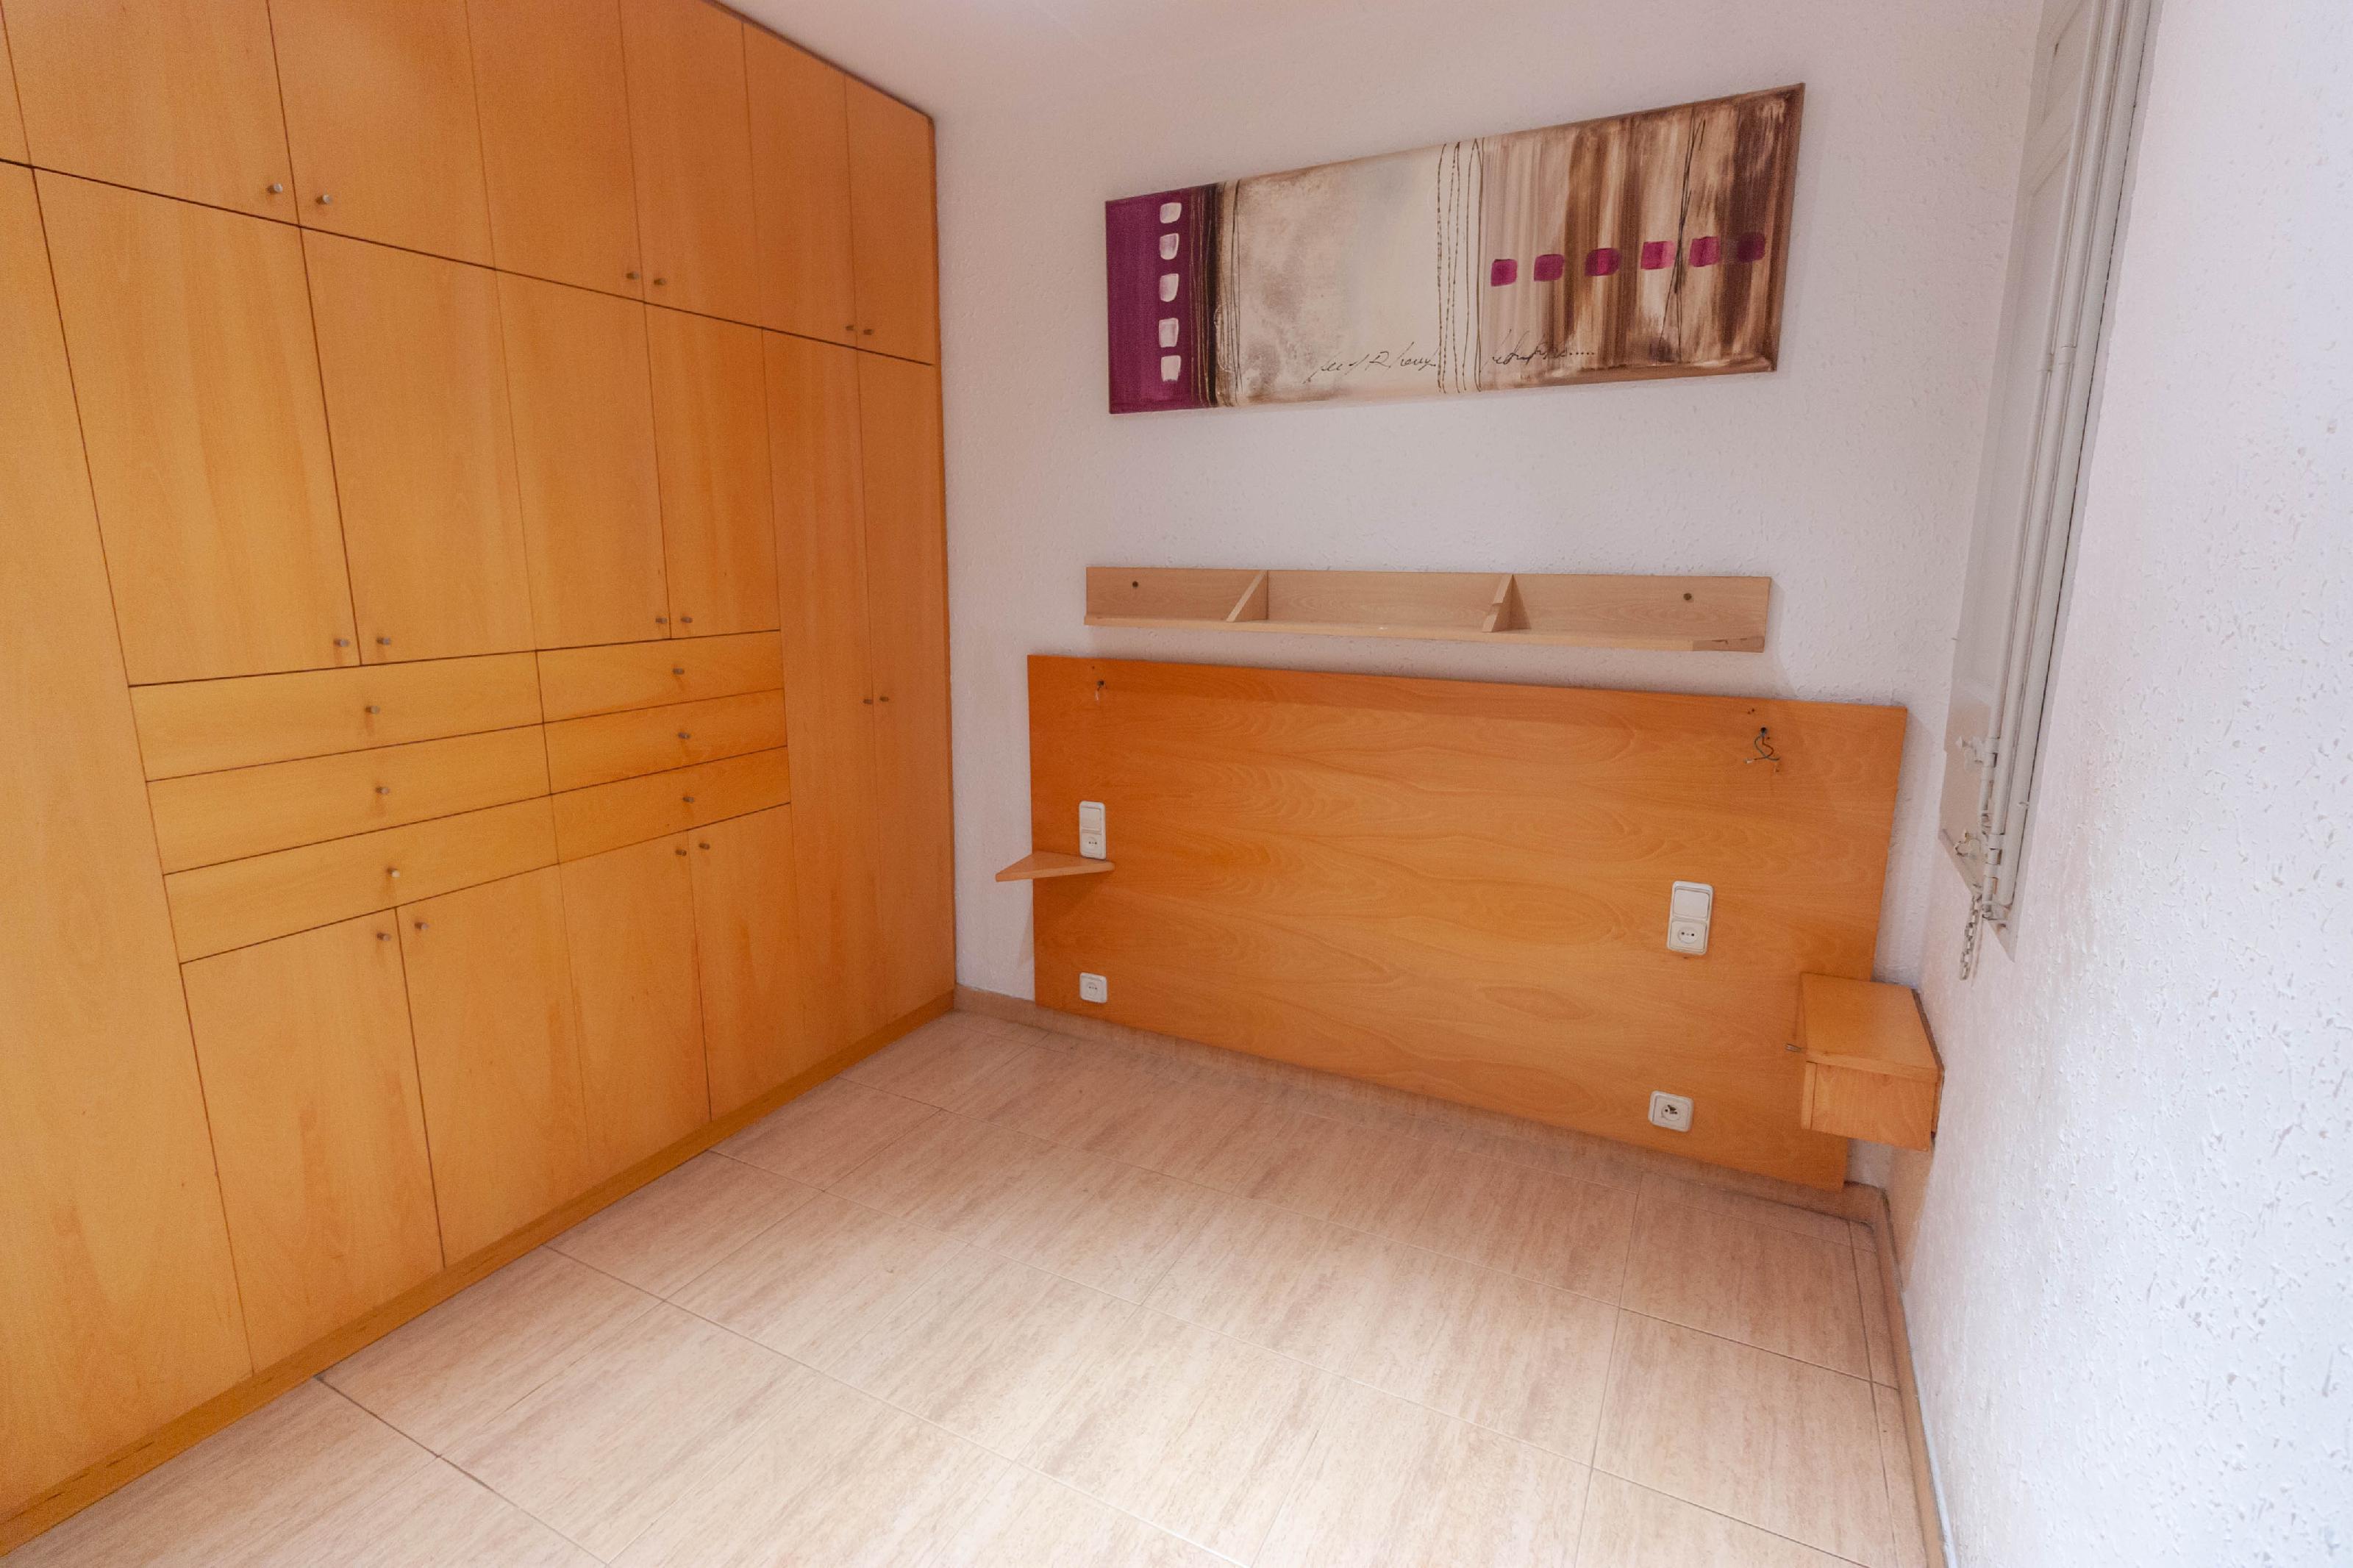 Imagen 4 Piso en alquiler en Barcelona / Alegre de Dalt - Sant Lluis